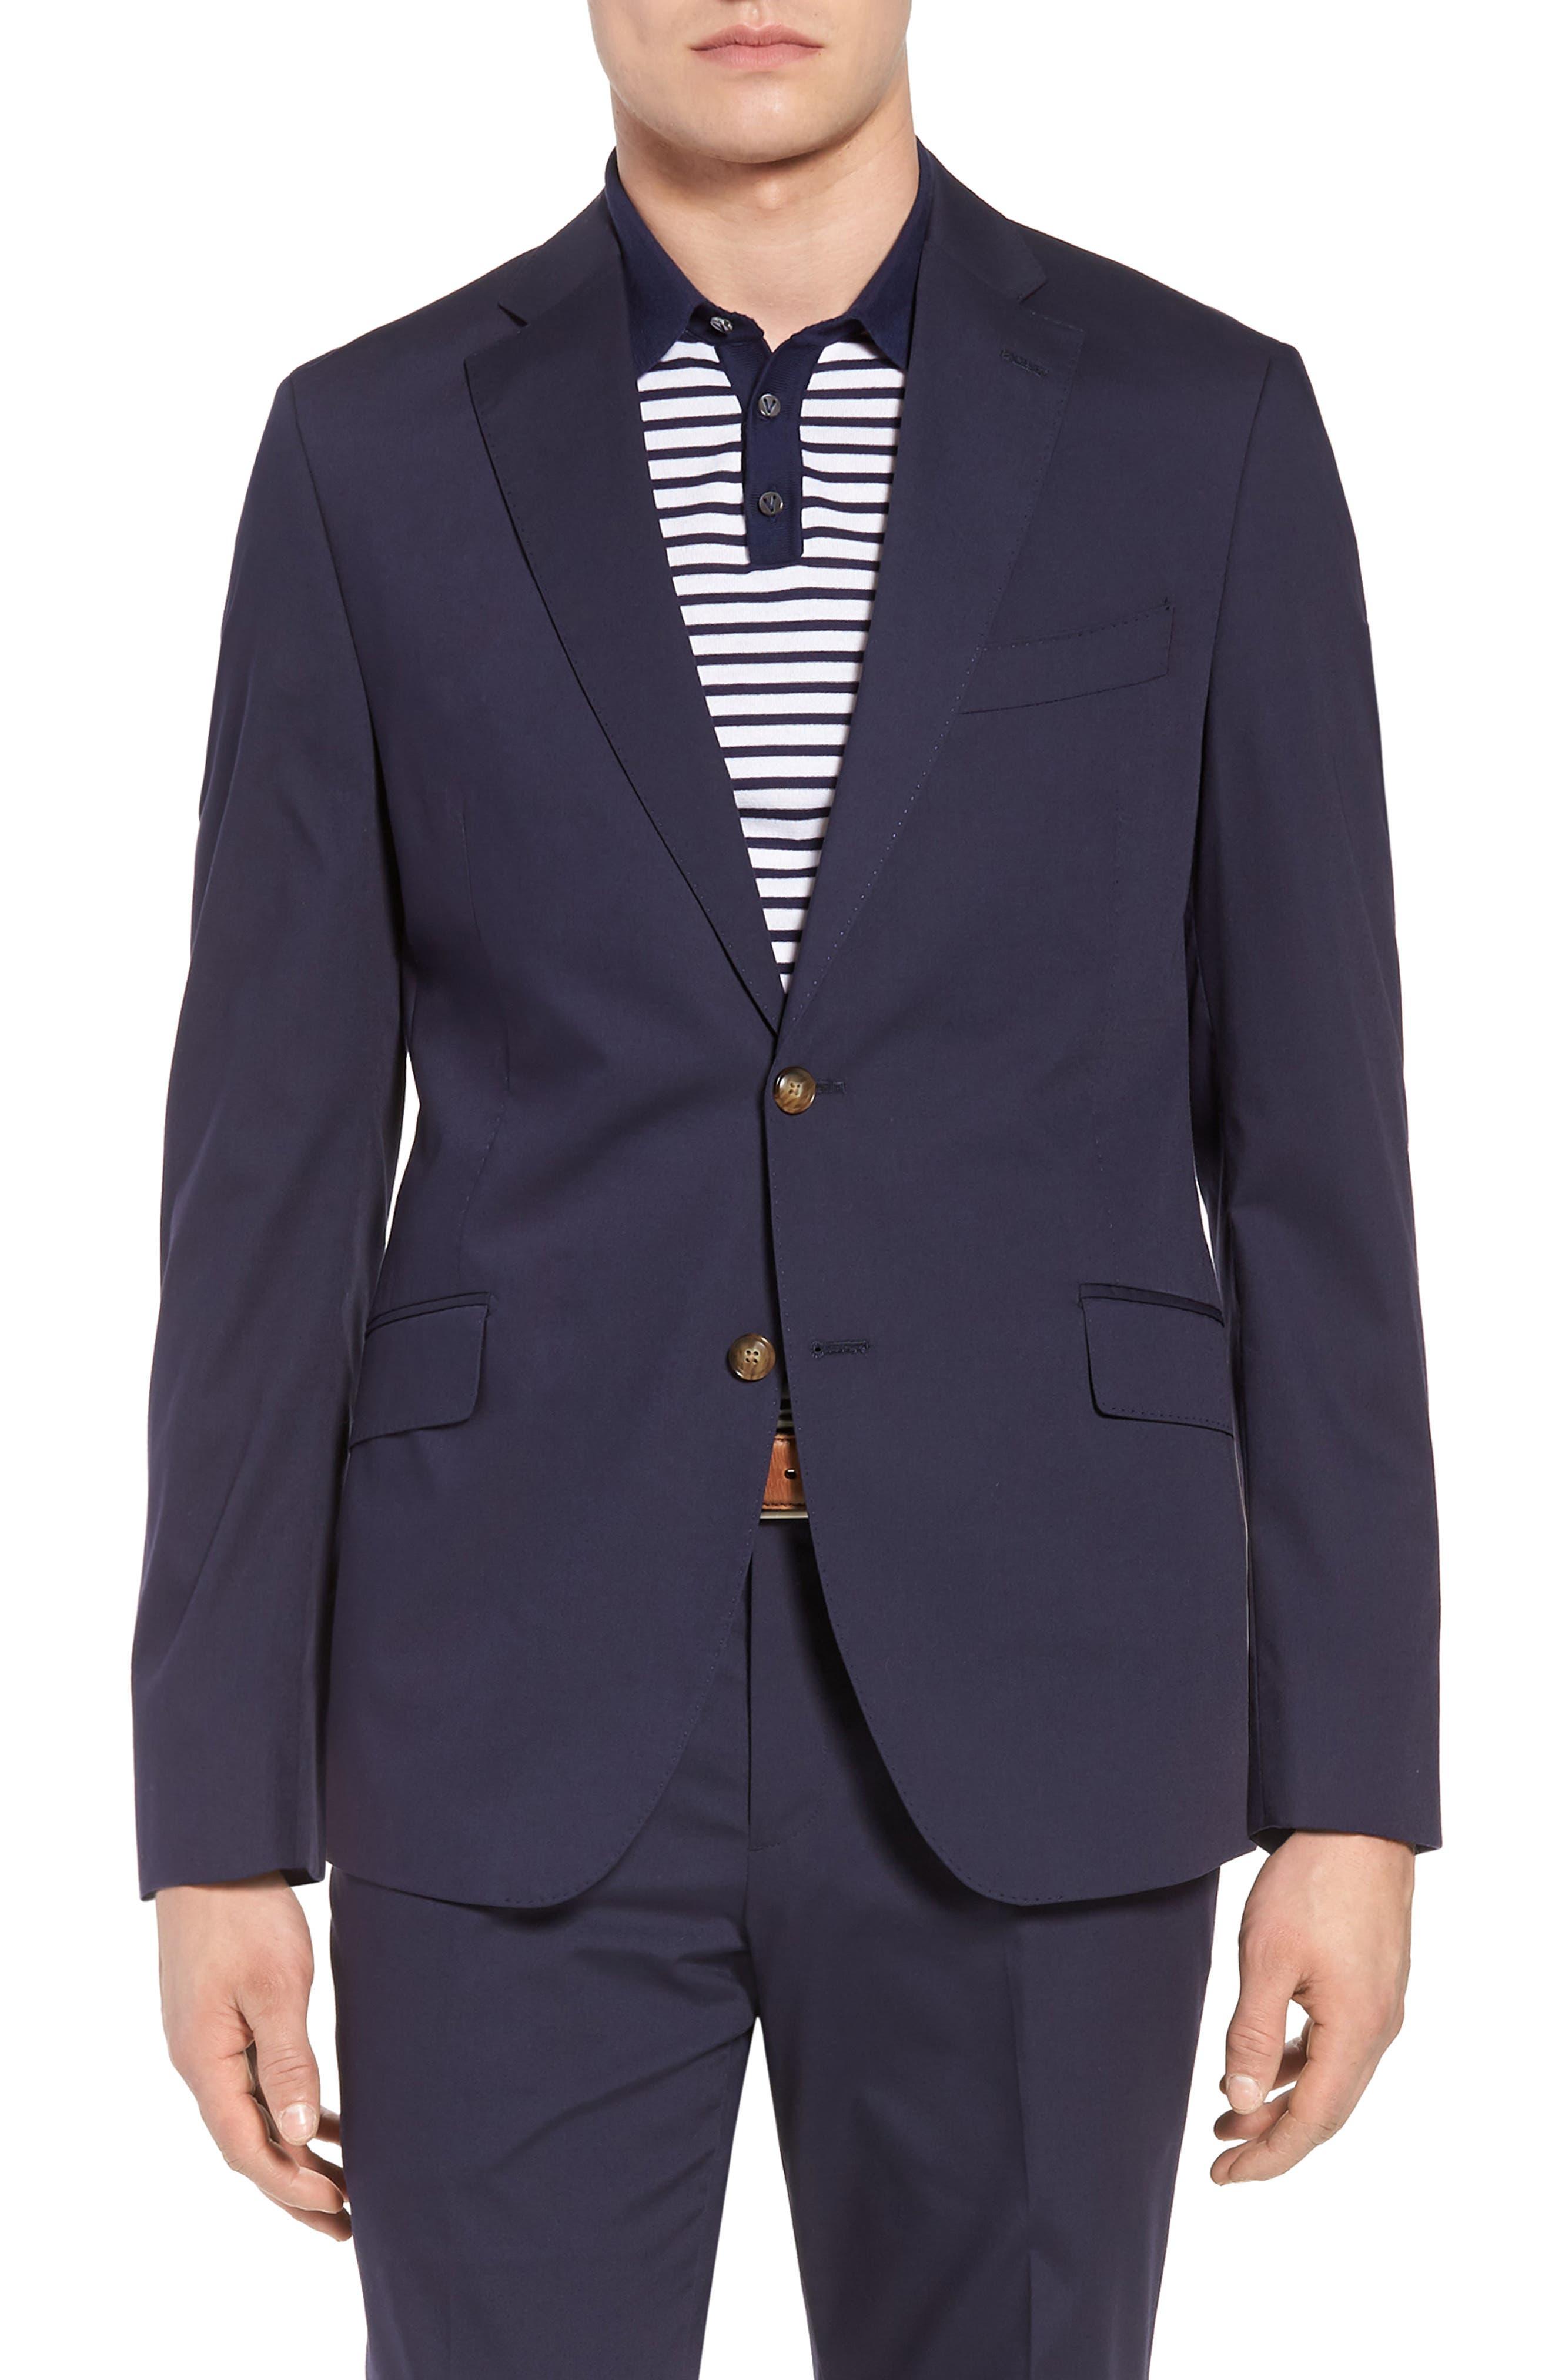 Irons AIM Classic Fit Solid Cotton Blend Suit,                             Alternate thumbnail 5, color,                             410